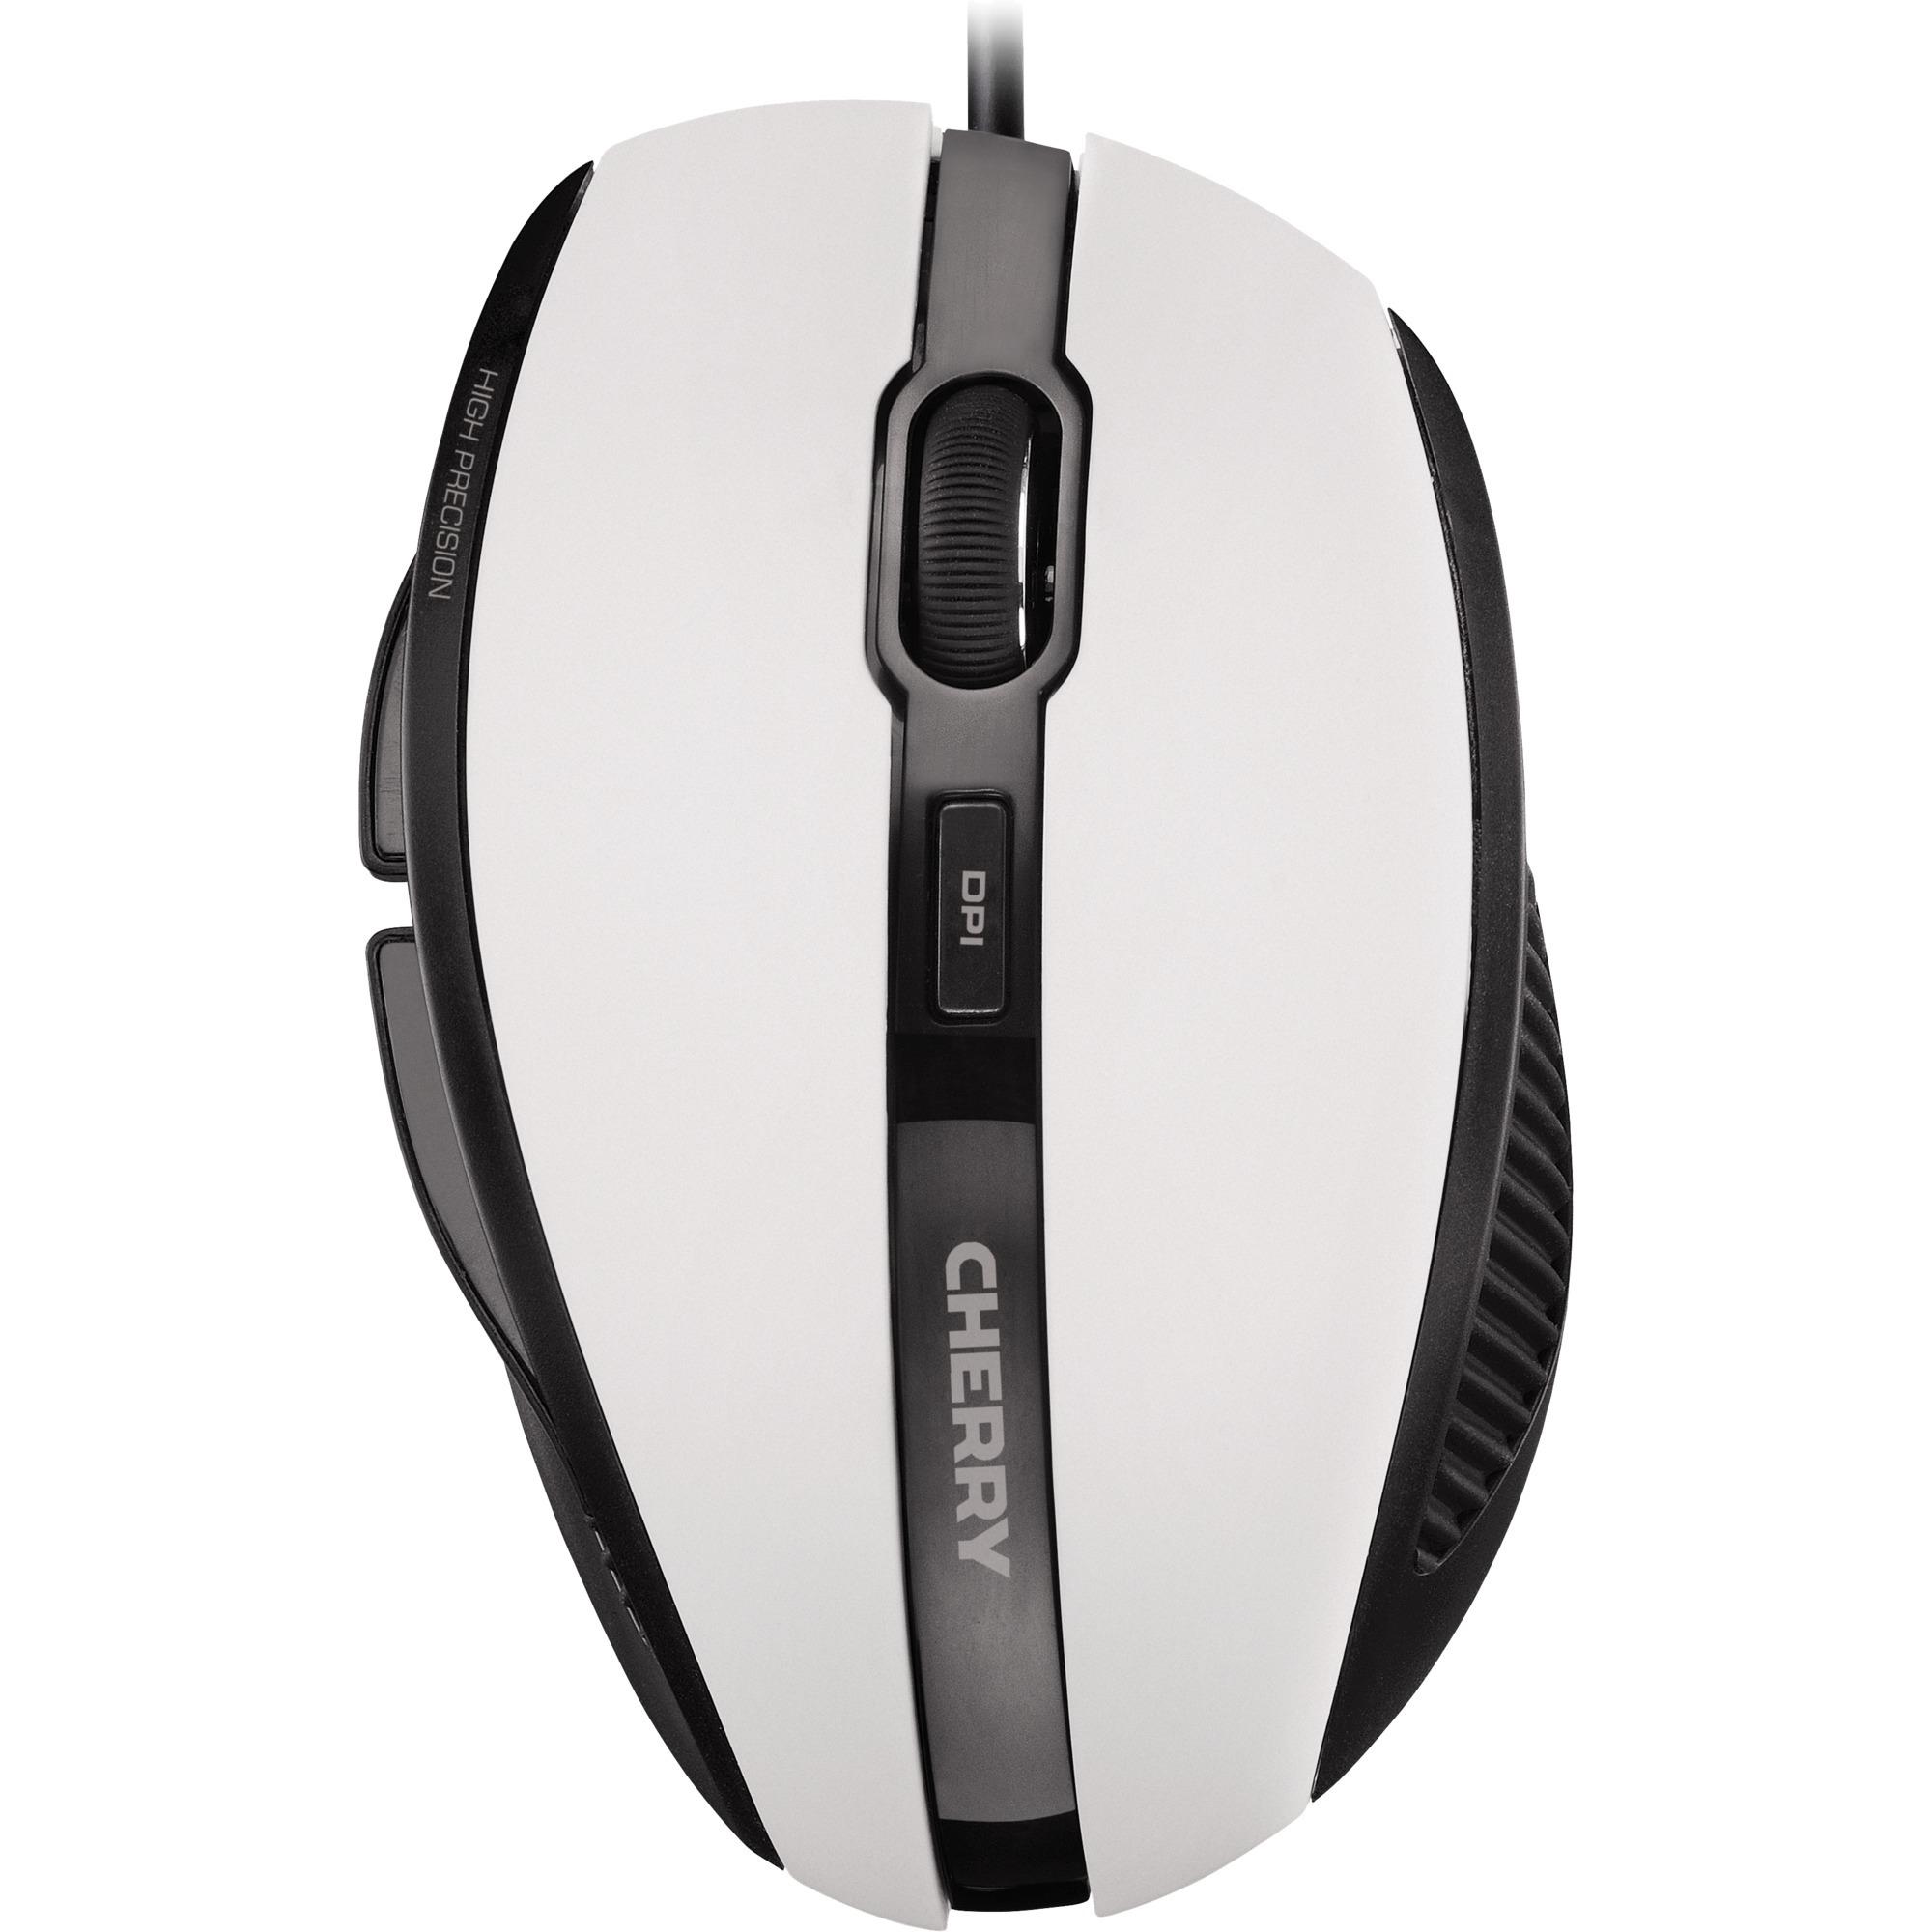 MC 3000 USB Óptico 1000DPI mano derecha Gris, Color blanco ratón